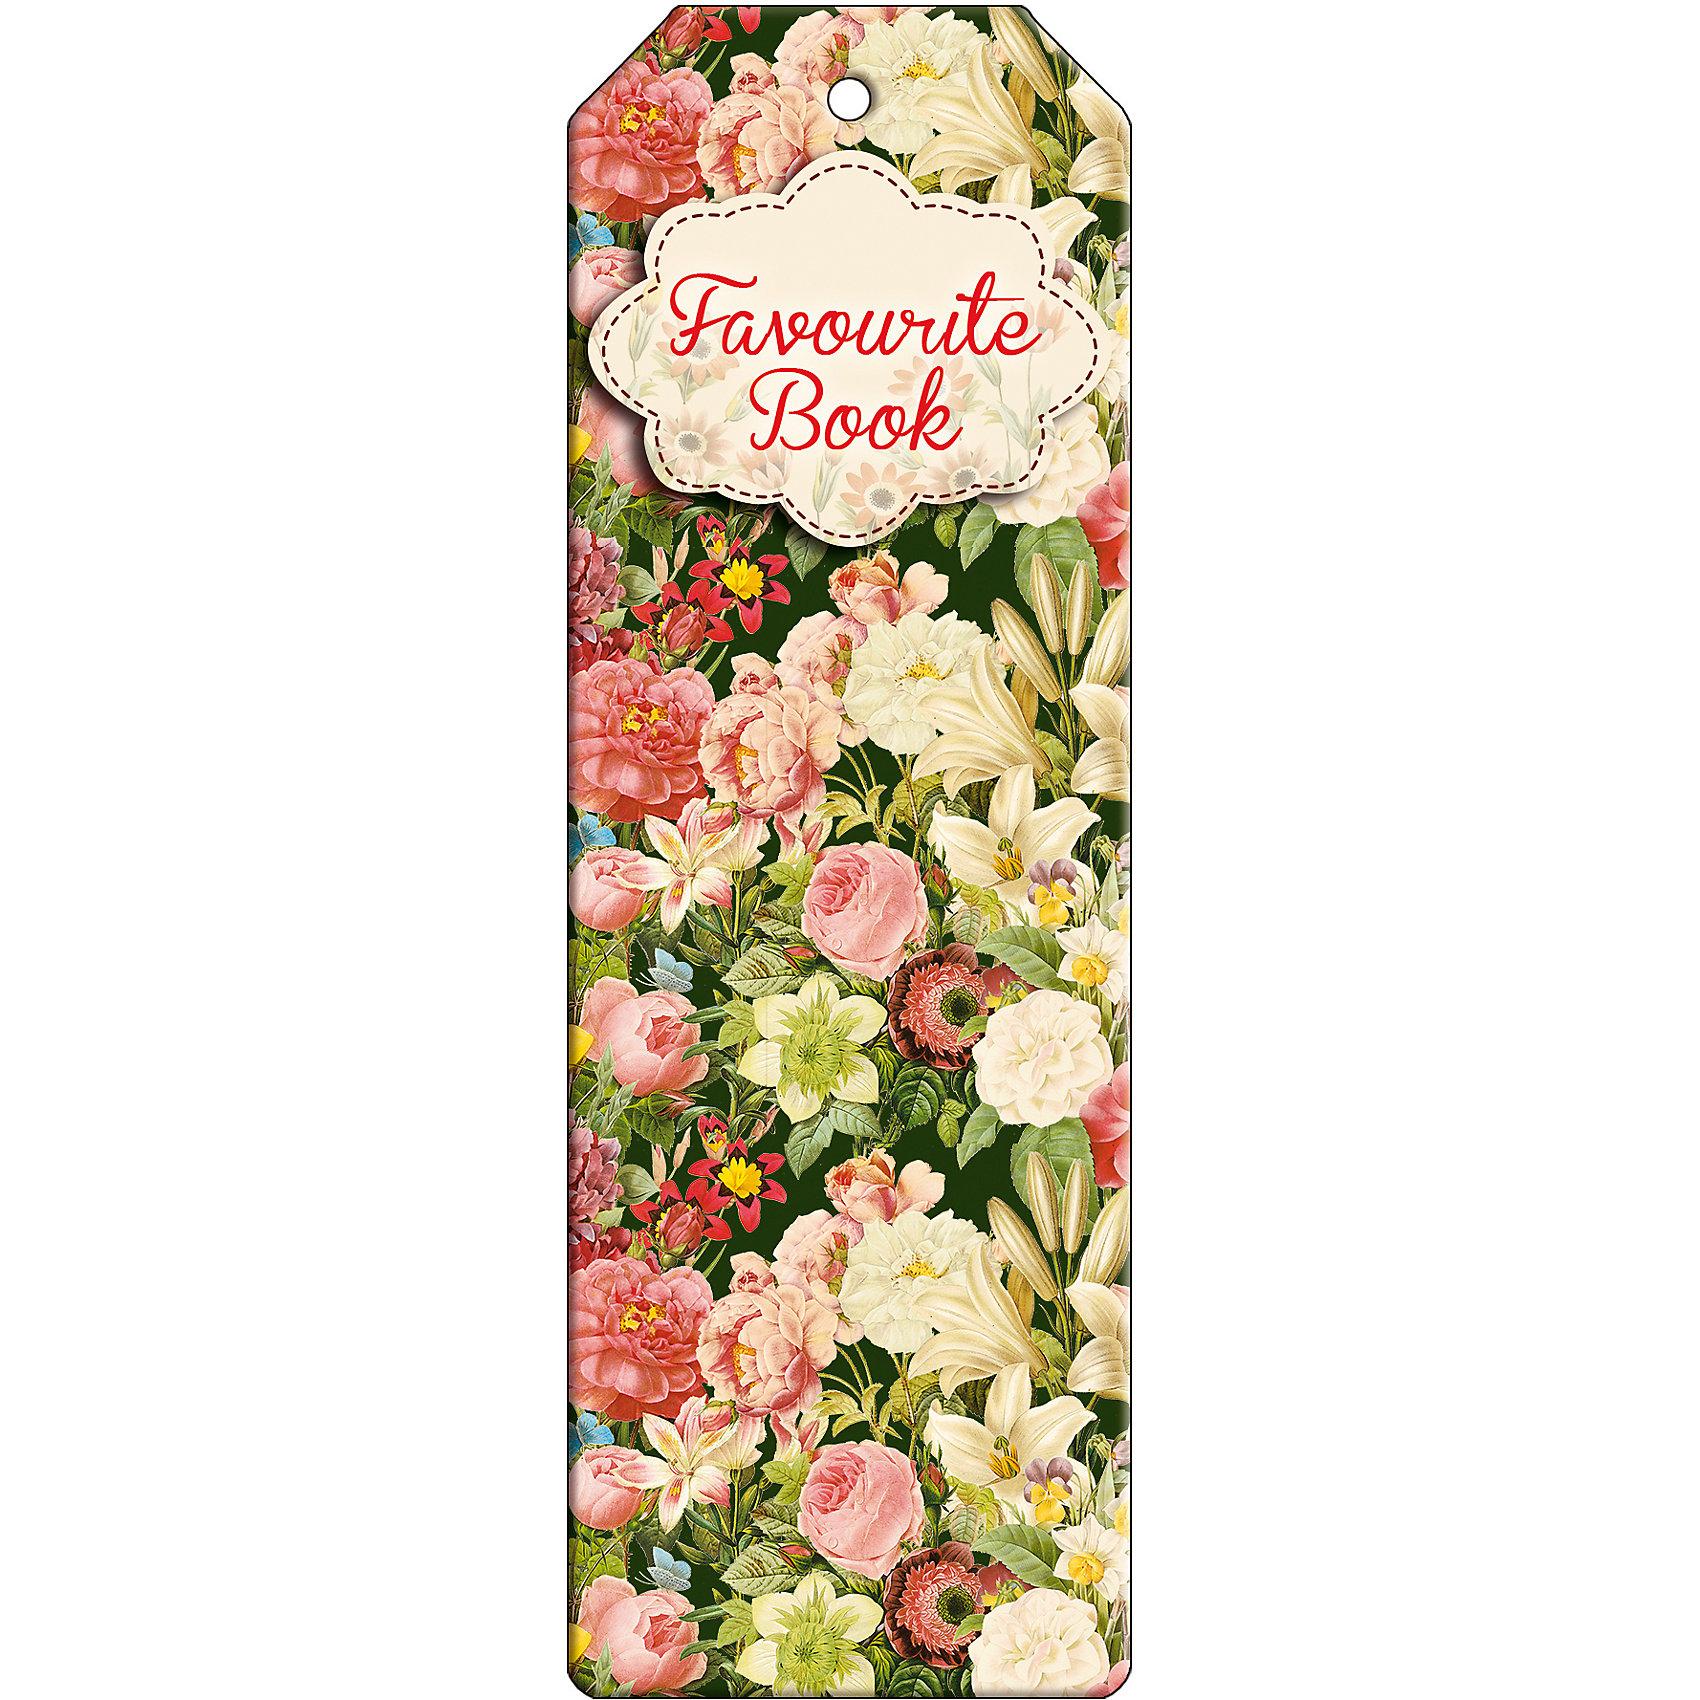 Закладка для книг декоративная Райский садШкольные аксессуары<br>Характеристики декоративной закладки для книг Райский сад:<br><br>• тип: закладка<br>• материал: металл<br>• длина:15 см<br>• размеры: 19 x 6 x 0.5 см <br>• упаковка: пакет<br>• вес в упаковке, 45 г<br>• страна-изготовитель: Китай<br><br>Декоративная закладка для книг Райский сад - великолепный подарок для тех, кто не мыслит свою жизнь без книг. Закладка представляет собой пластину из черного окрашенного металла с рисунком. Изделие украсит не только книгу, но сделает нарядным и оригинальным стандартный органайзер или семейный альбом.<br><br>Декоративную закладку для книг Райский сад можно купить в нашем интернет-магазине.<br><br>Ширина мм: 150<br>Глубина мм: 50<br>Высота мм: 10<br>Вес г: 31<br>Возраст от месяцев: 48<br>Возраст до месяцев: 144<br>Пол: Унисекс<br>Возраст: Детский<br>SKU: 5479429